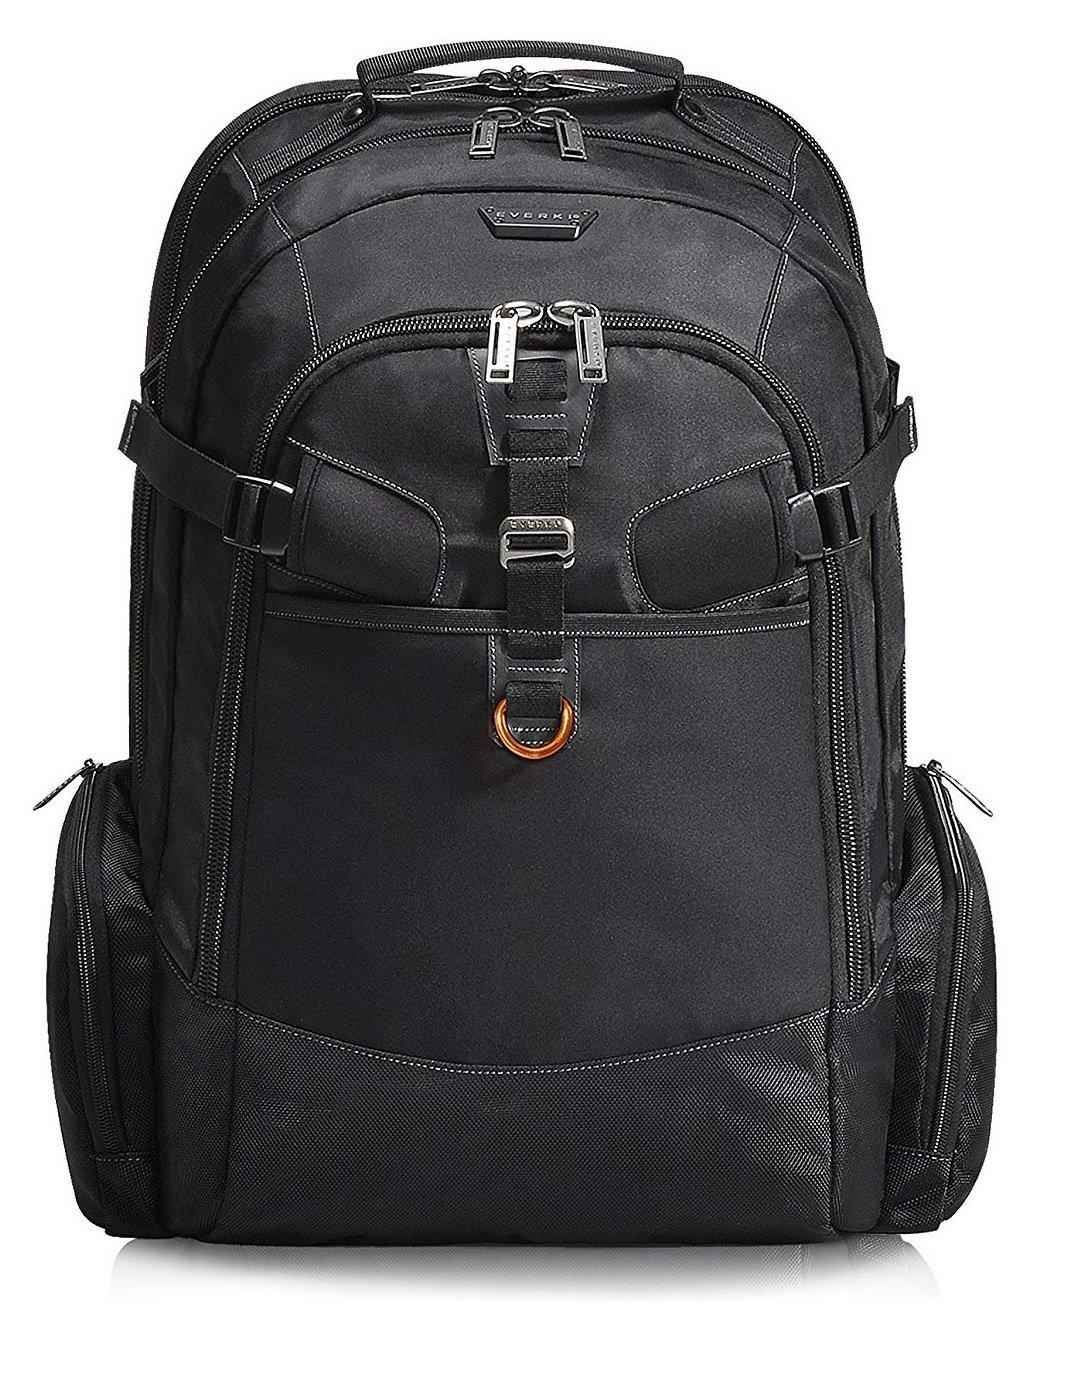 Image of black laptop bag